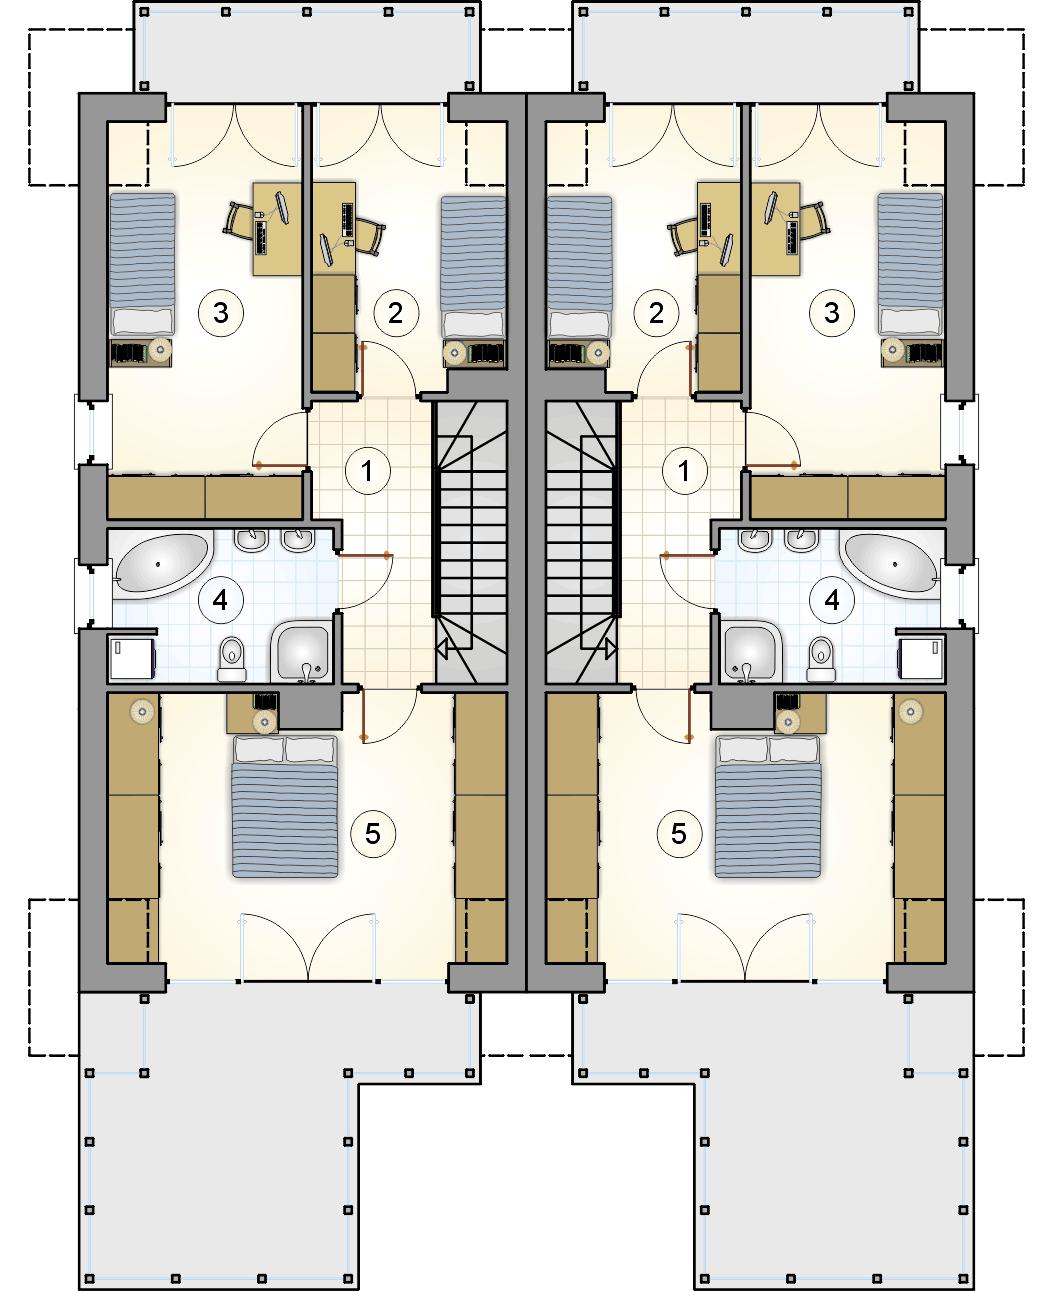 rzut poddasza - projekt Tandem IV